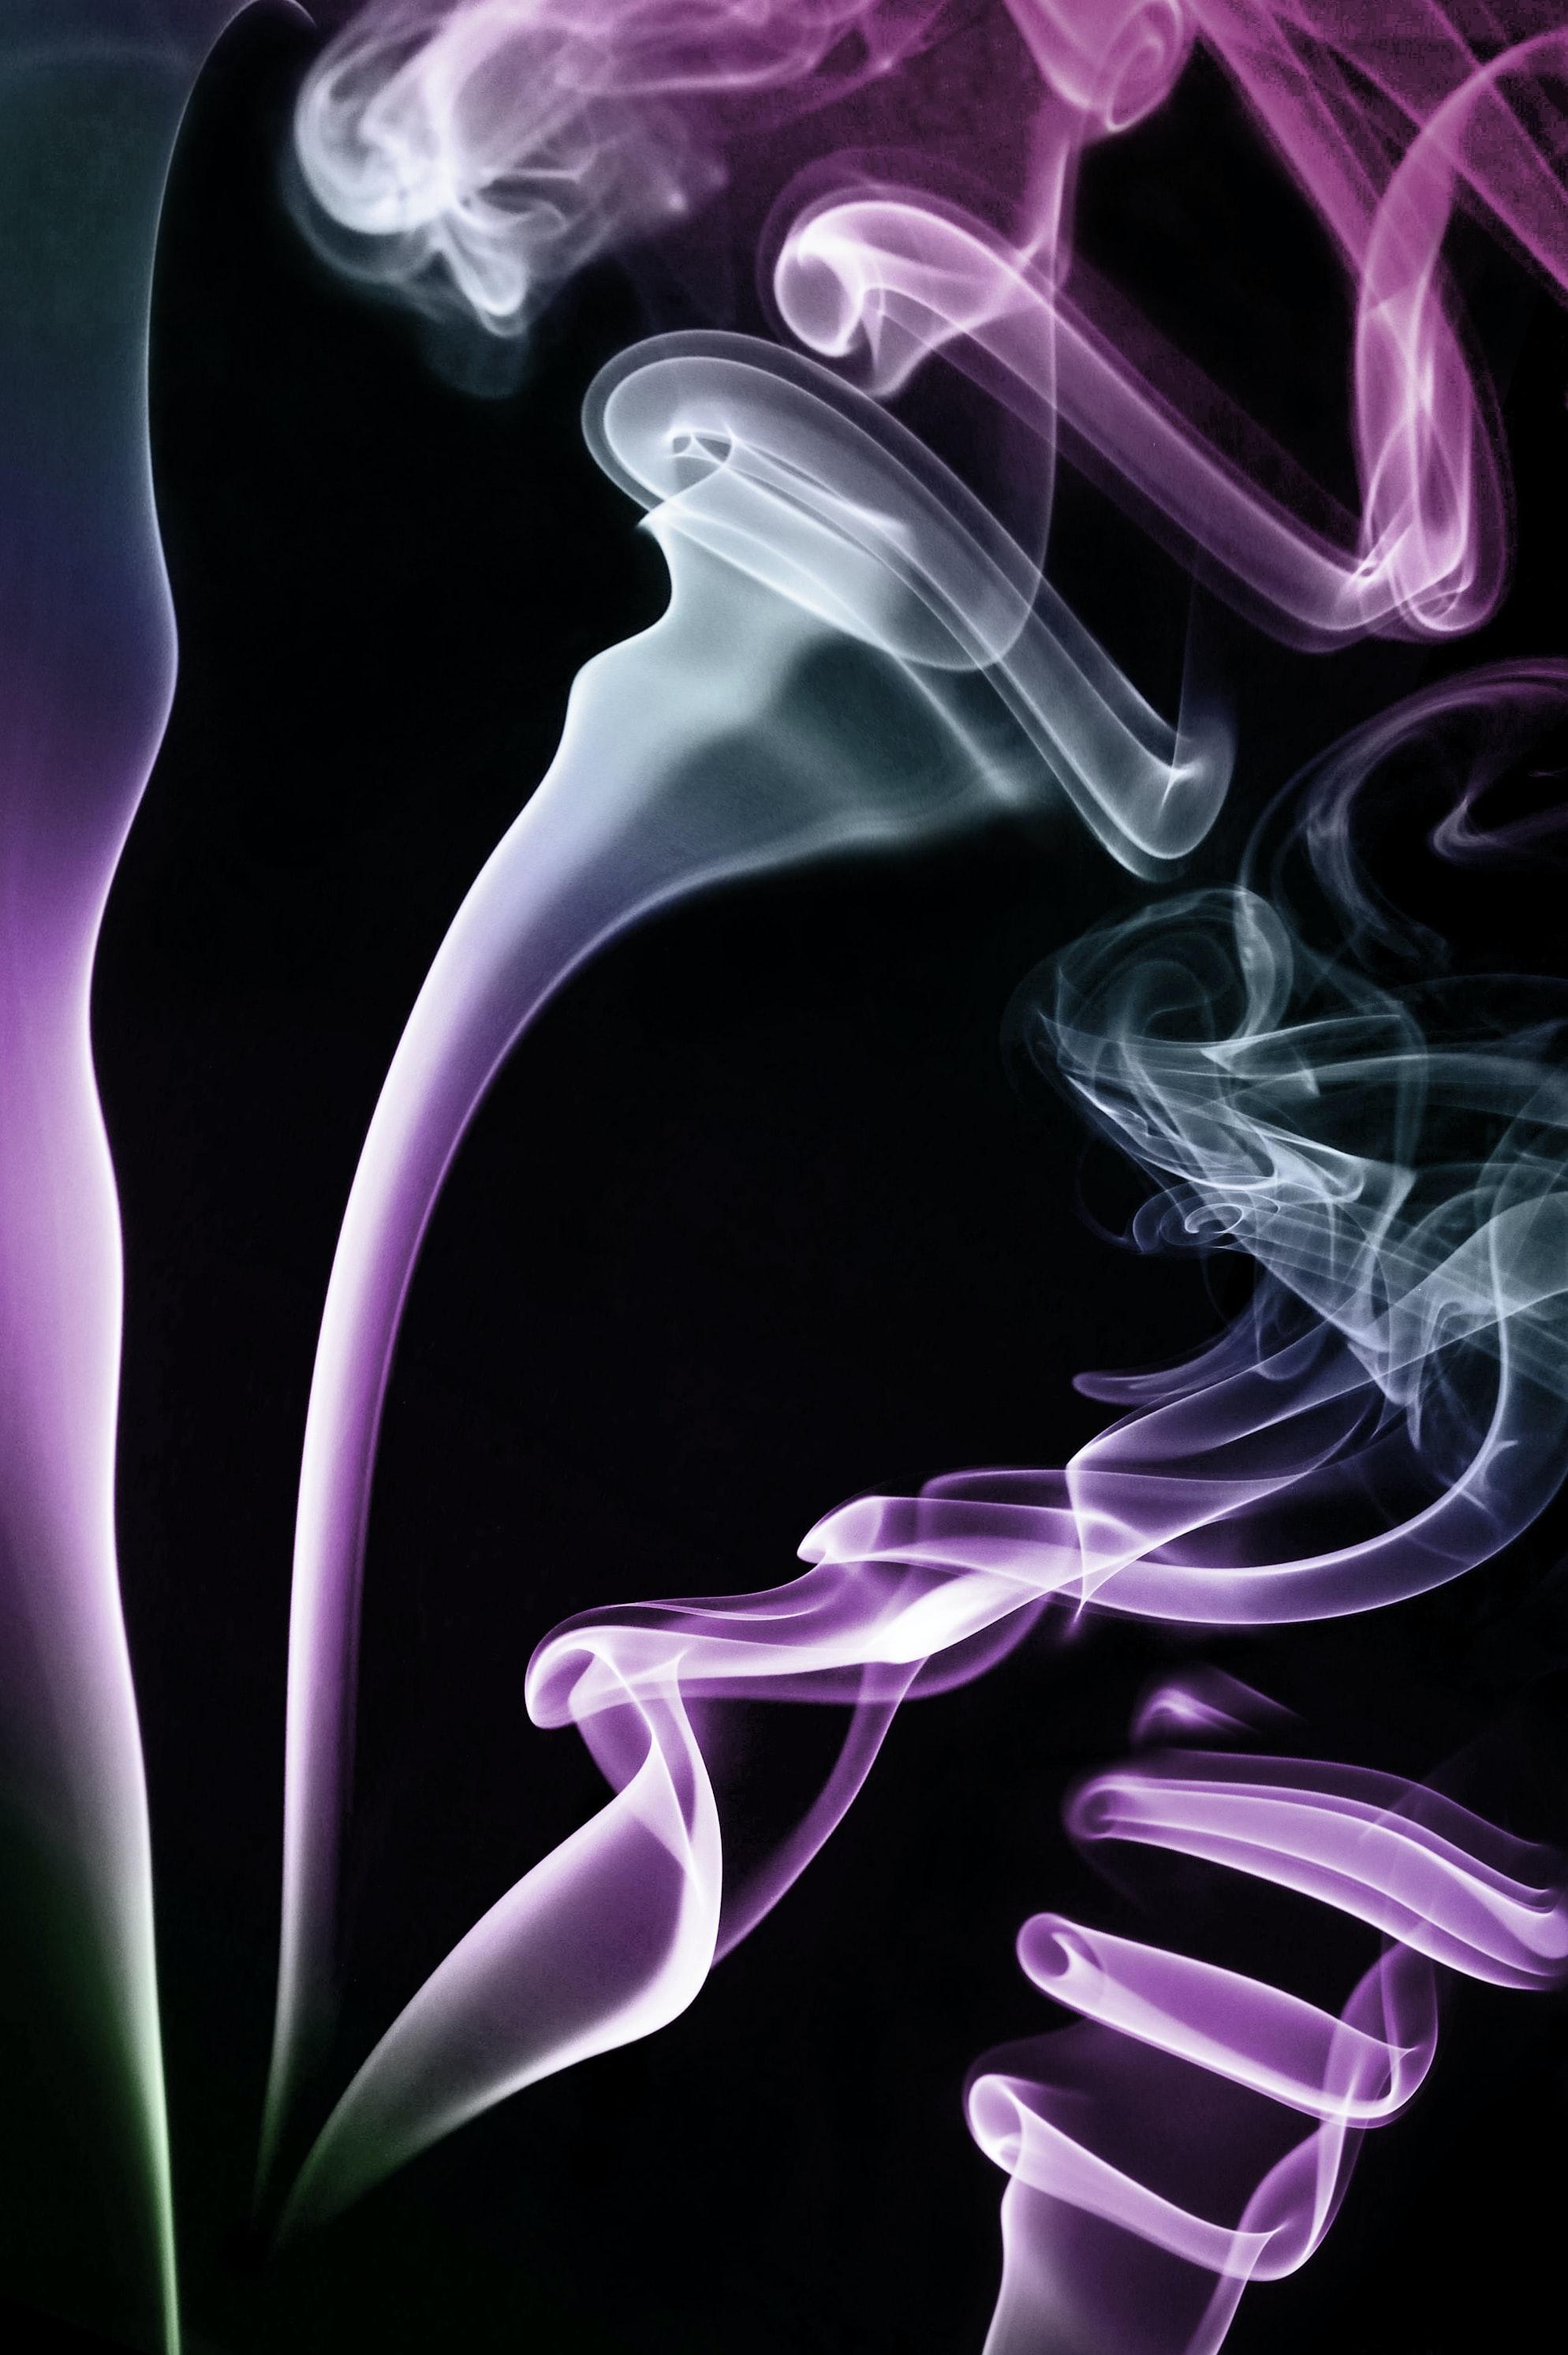 101081 免費下載壁紙 抽象, 云, 云端, 绕线, 蜿蜒, 紫色的, 吸烟 屏保和圖片